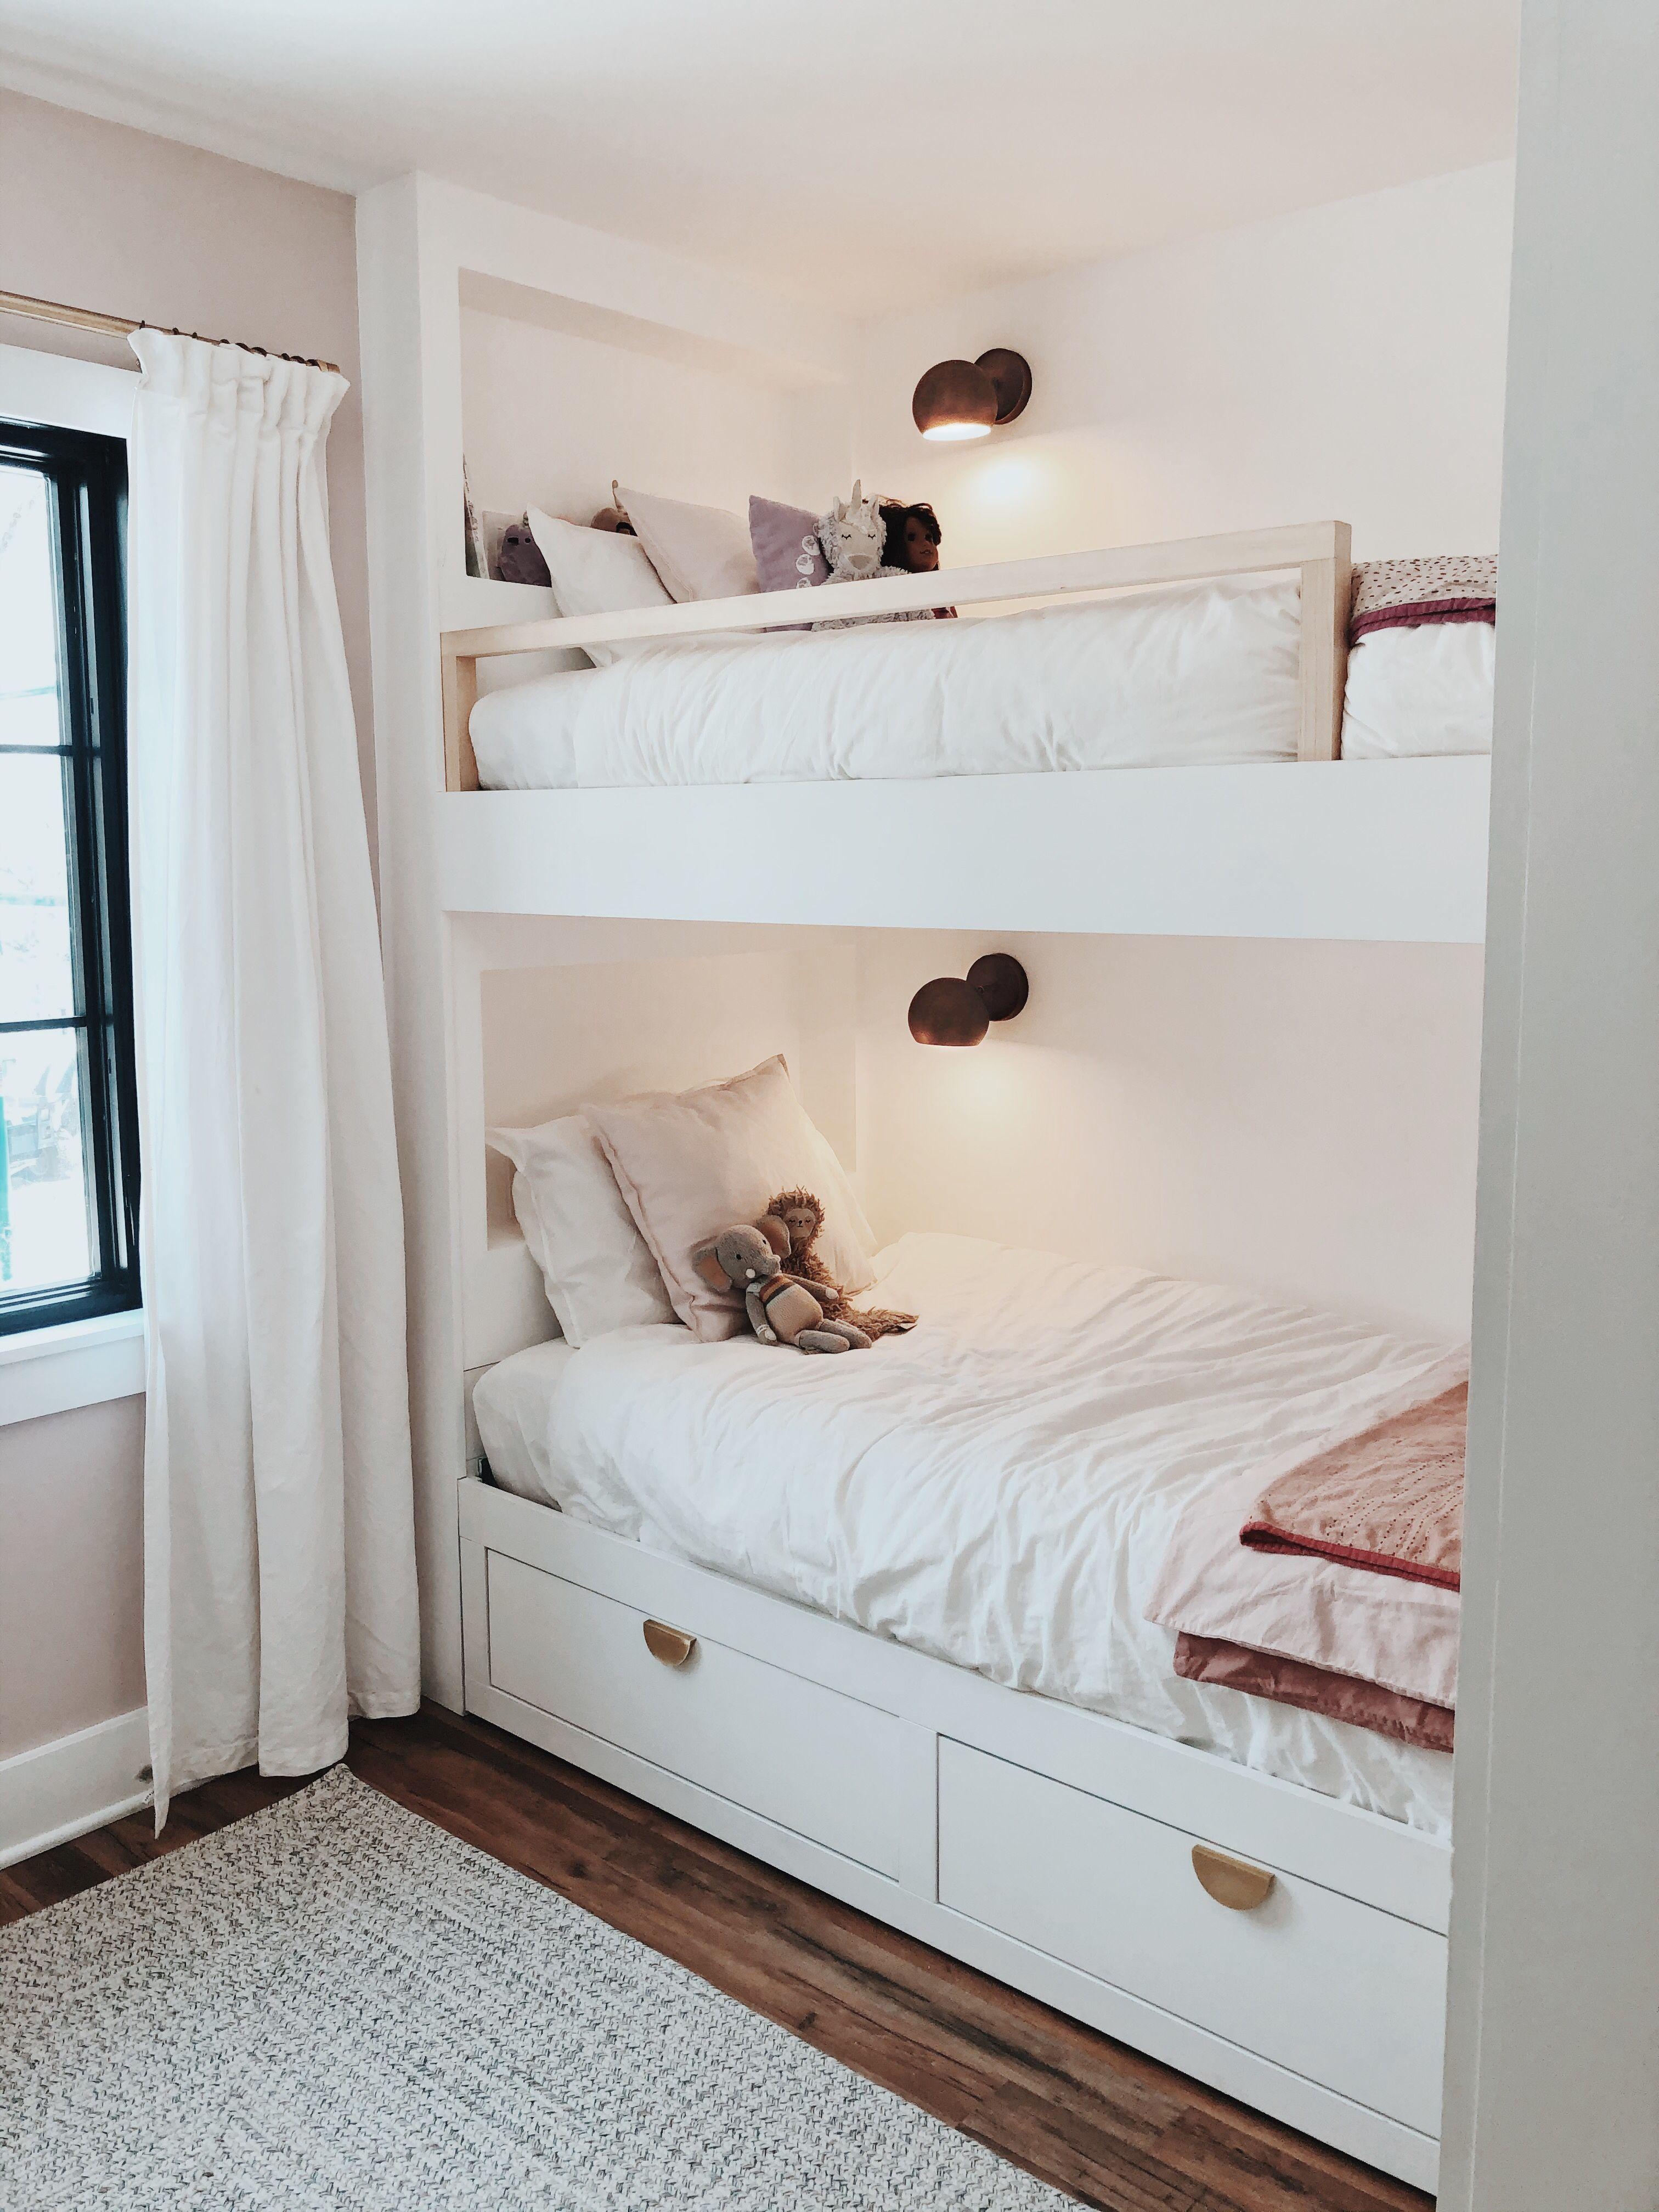 Built In Bunk Ikea Bed Hack Bunk Bed Rooms Built In Bunks Diy Bunk Bed